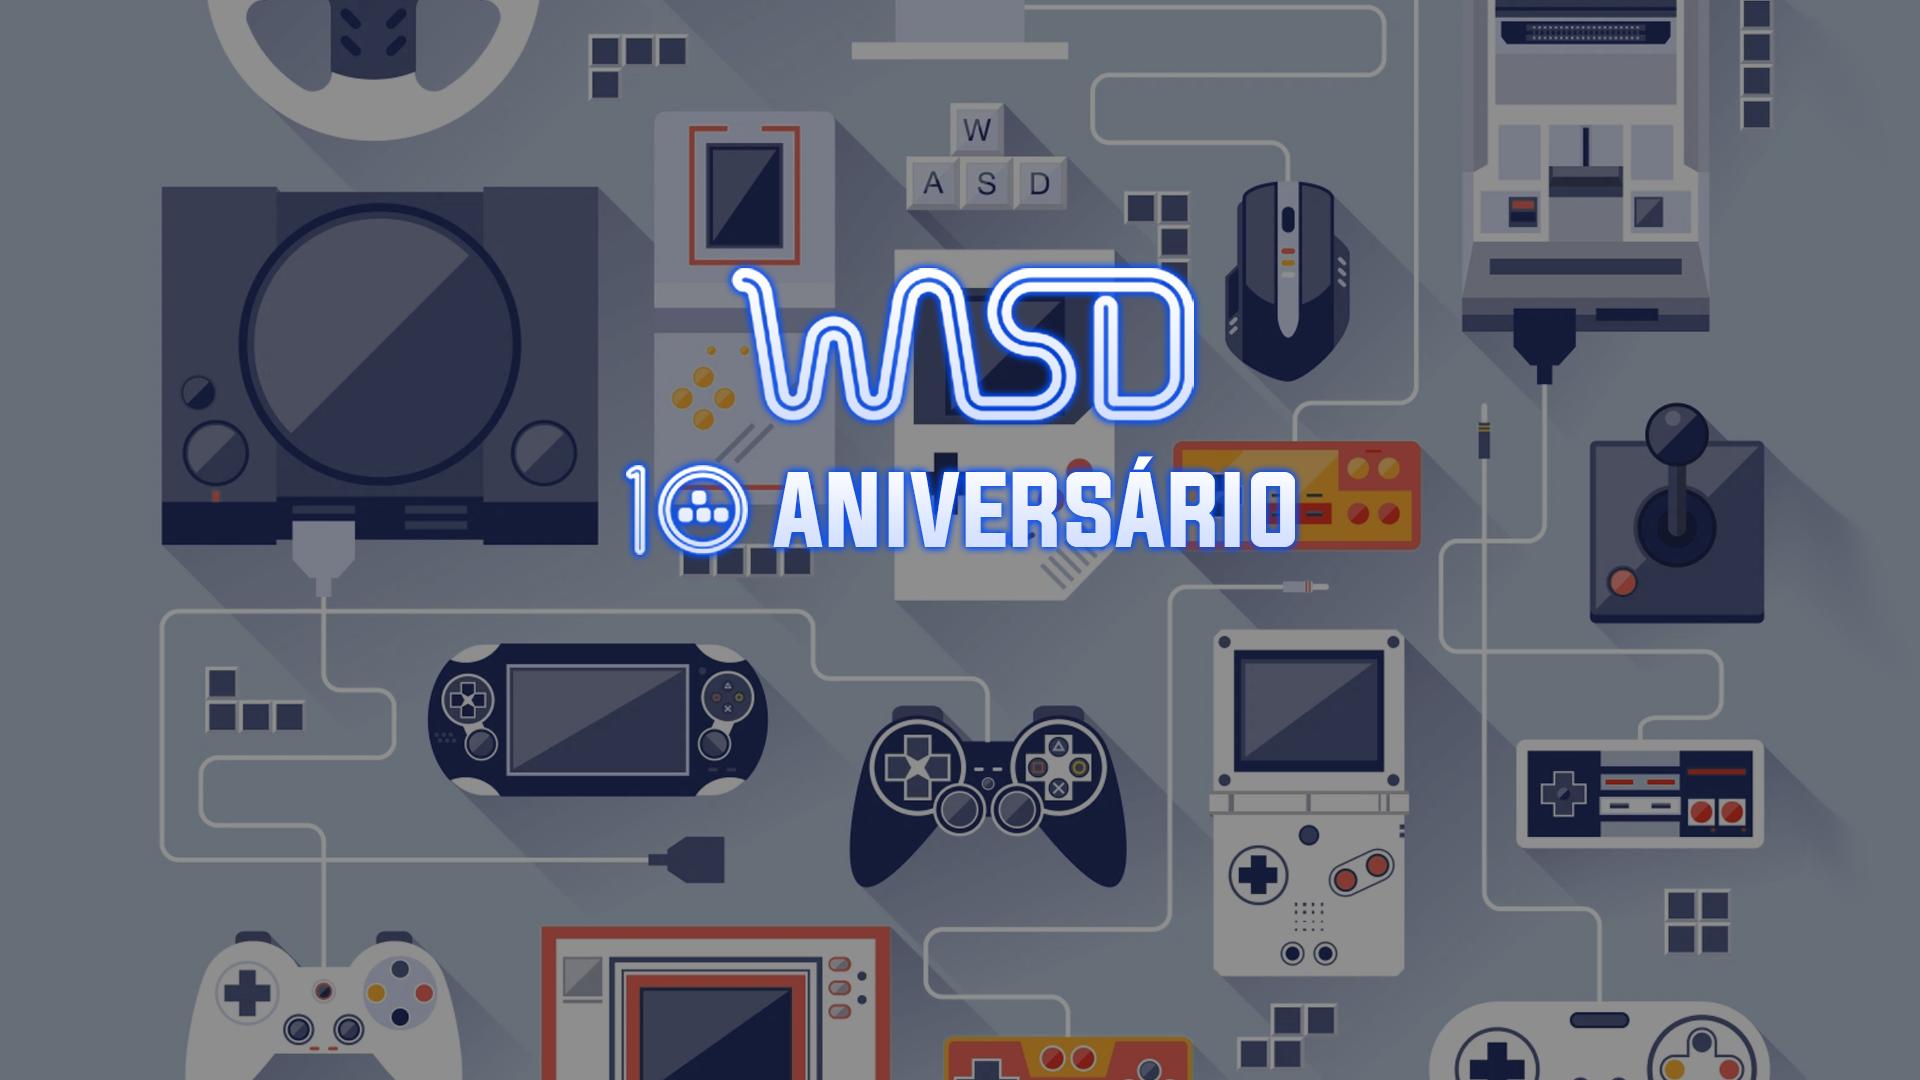 WASD comemora 10 anos de actividade